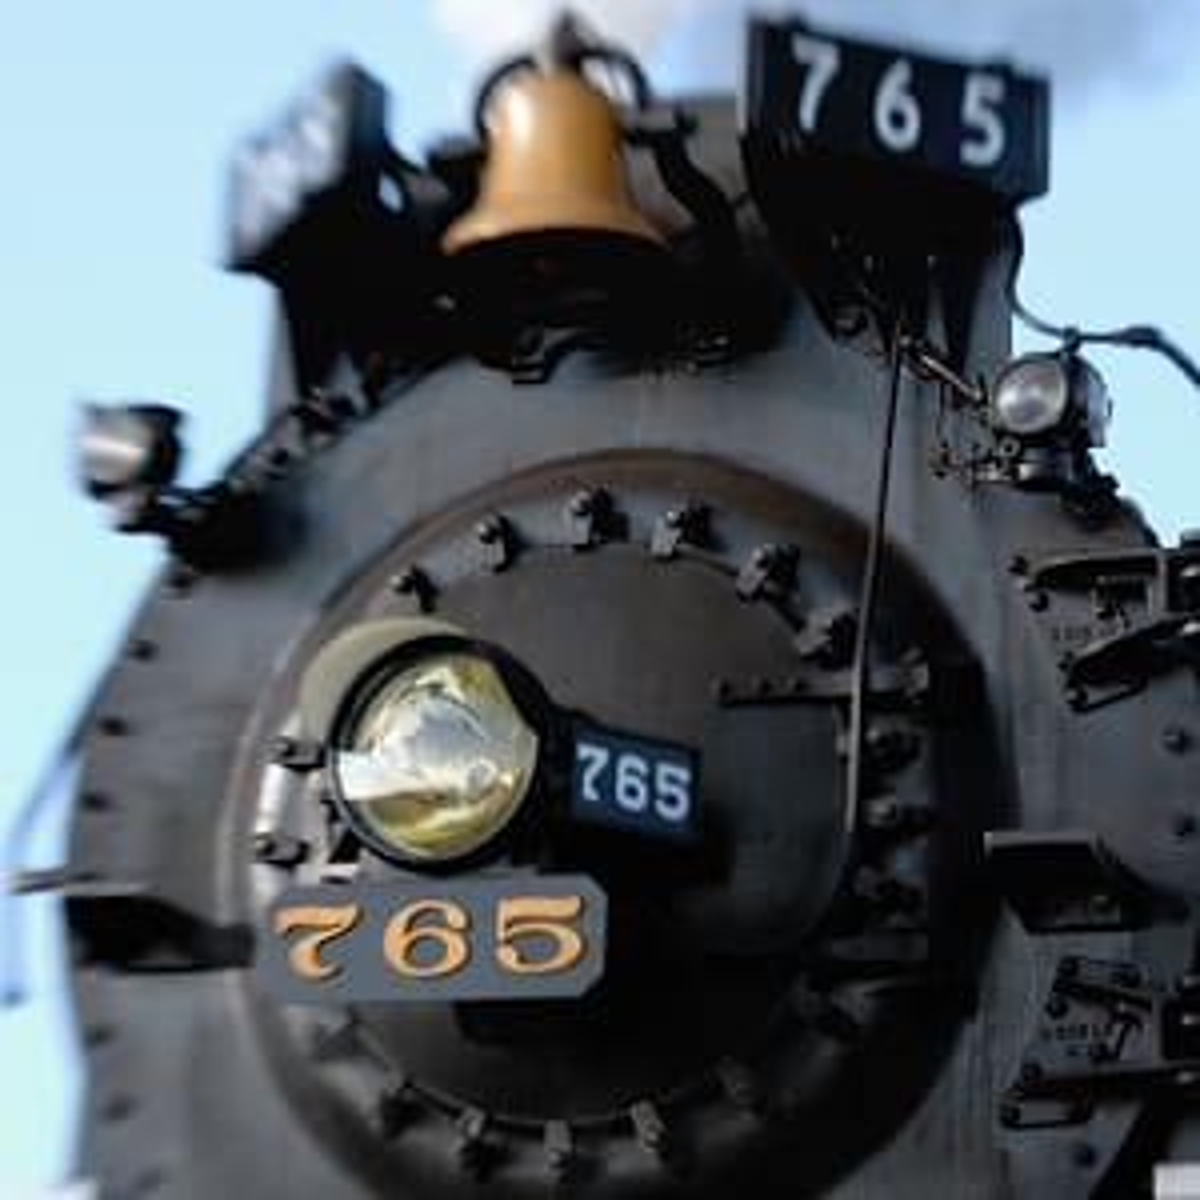 NKP 765 v2.0